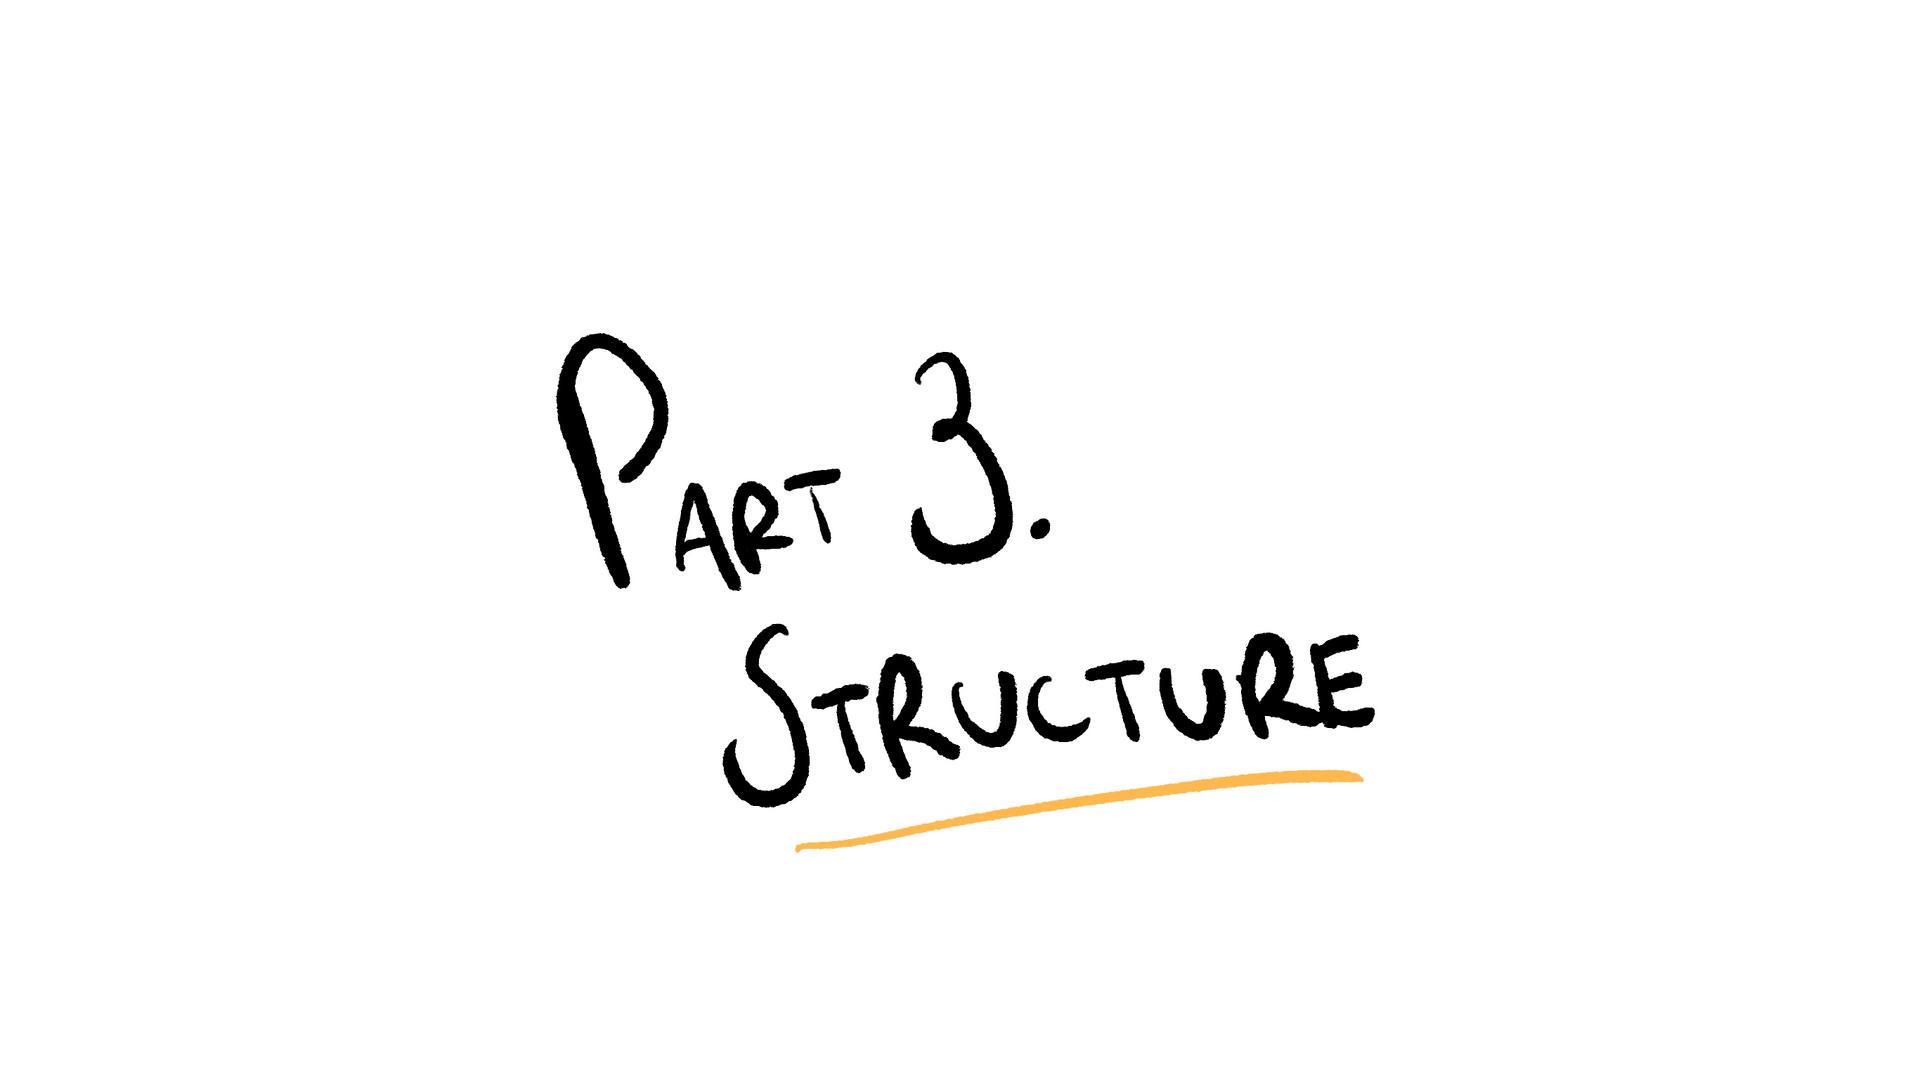 Part 3 - Structure